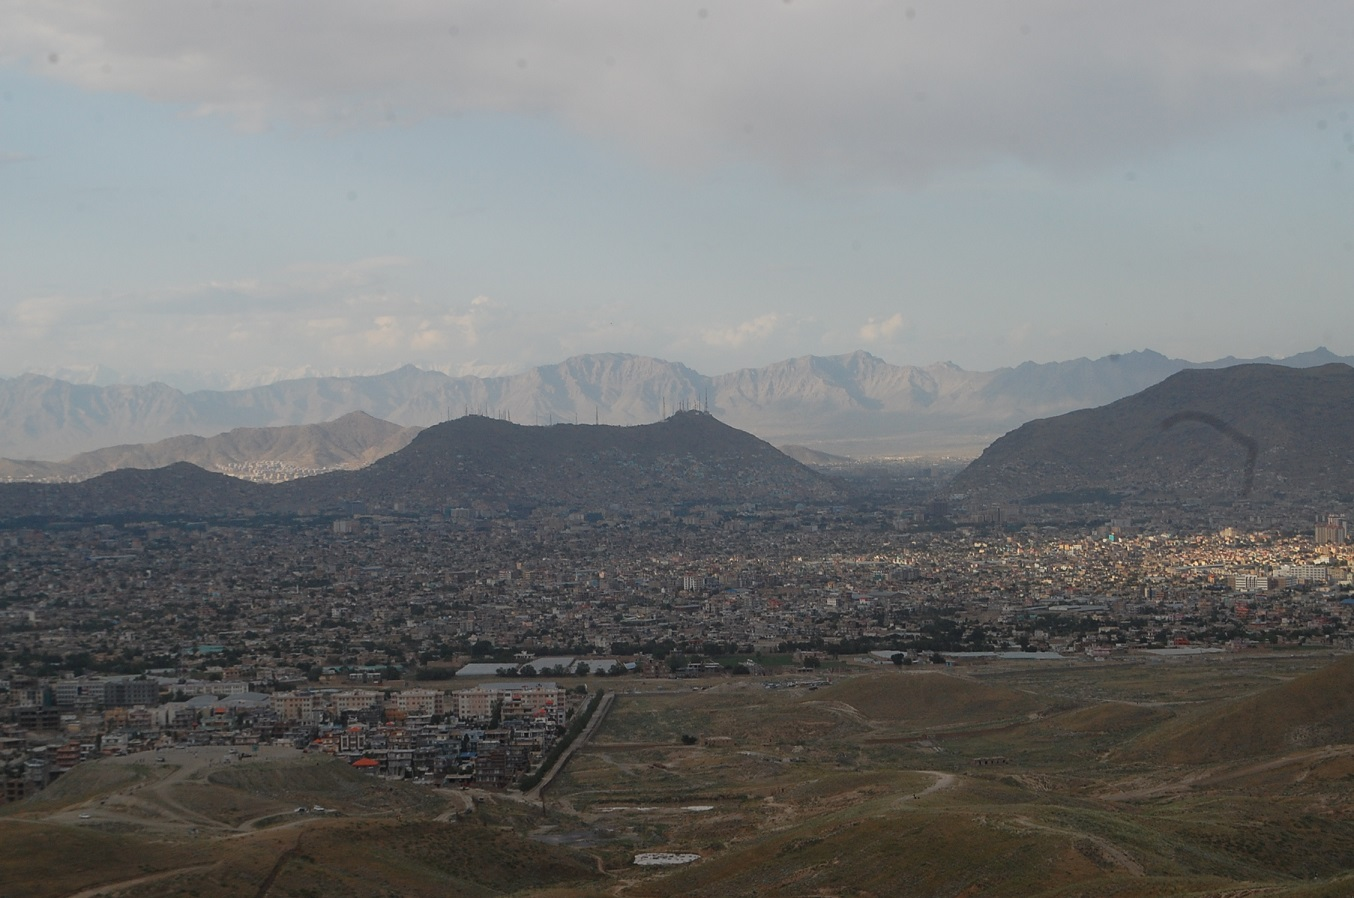 تفتقر العاصمة الأفغانية إلى المساحات الخضراء، صورة التقطها عزة الله ميهراد